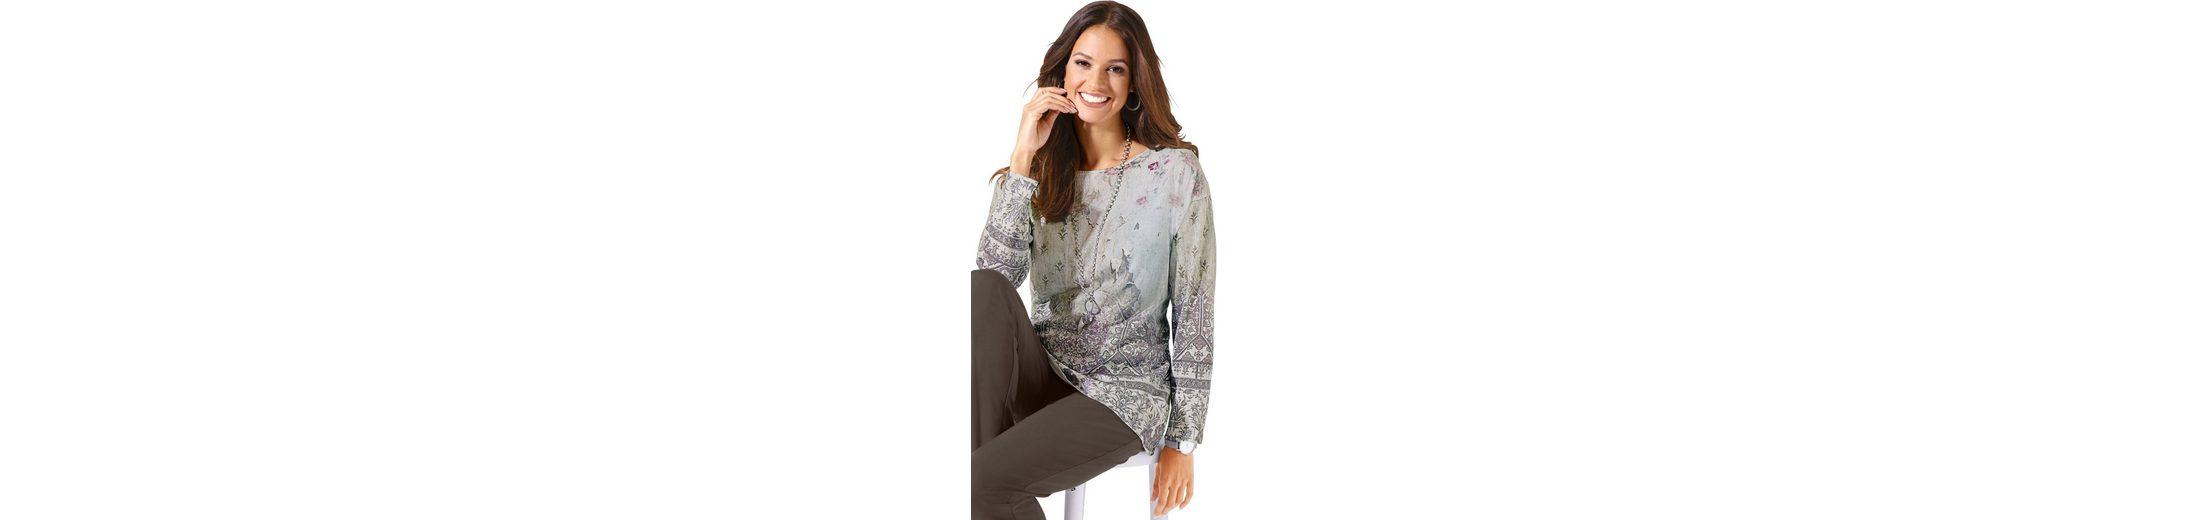 Das Beste Geschäft Zu Bekommen Classic Inspirationen Pullover mit Bordüren-Druck Viele Arten Billig Footlocker Finish Outlet Neueste Auslass Klassisch 5vHFZ1H